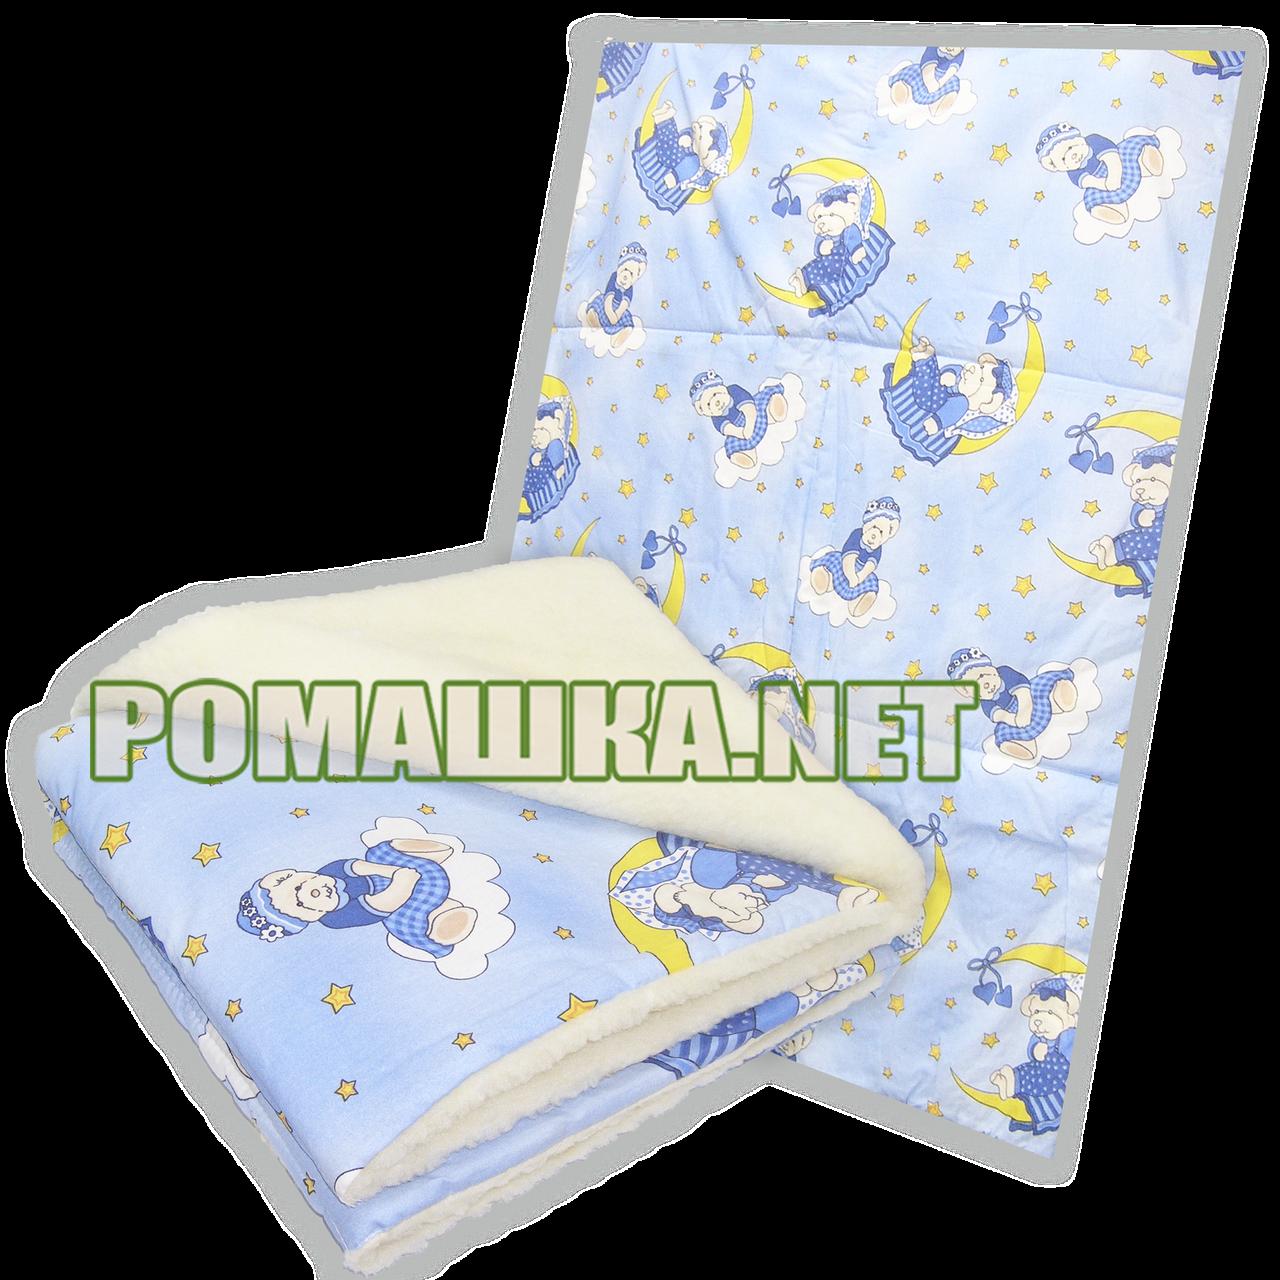 Дитяче ковдру на овчині (підкладка), утеплювач-тканини холлофайбер, верх-100% бавовна, 140х100см, ТМ Ромашка